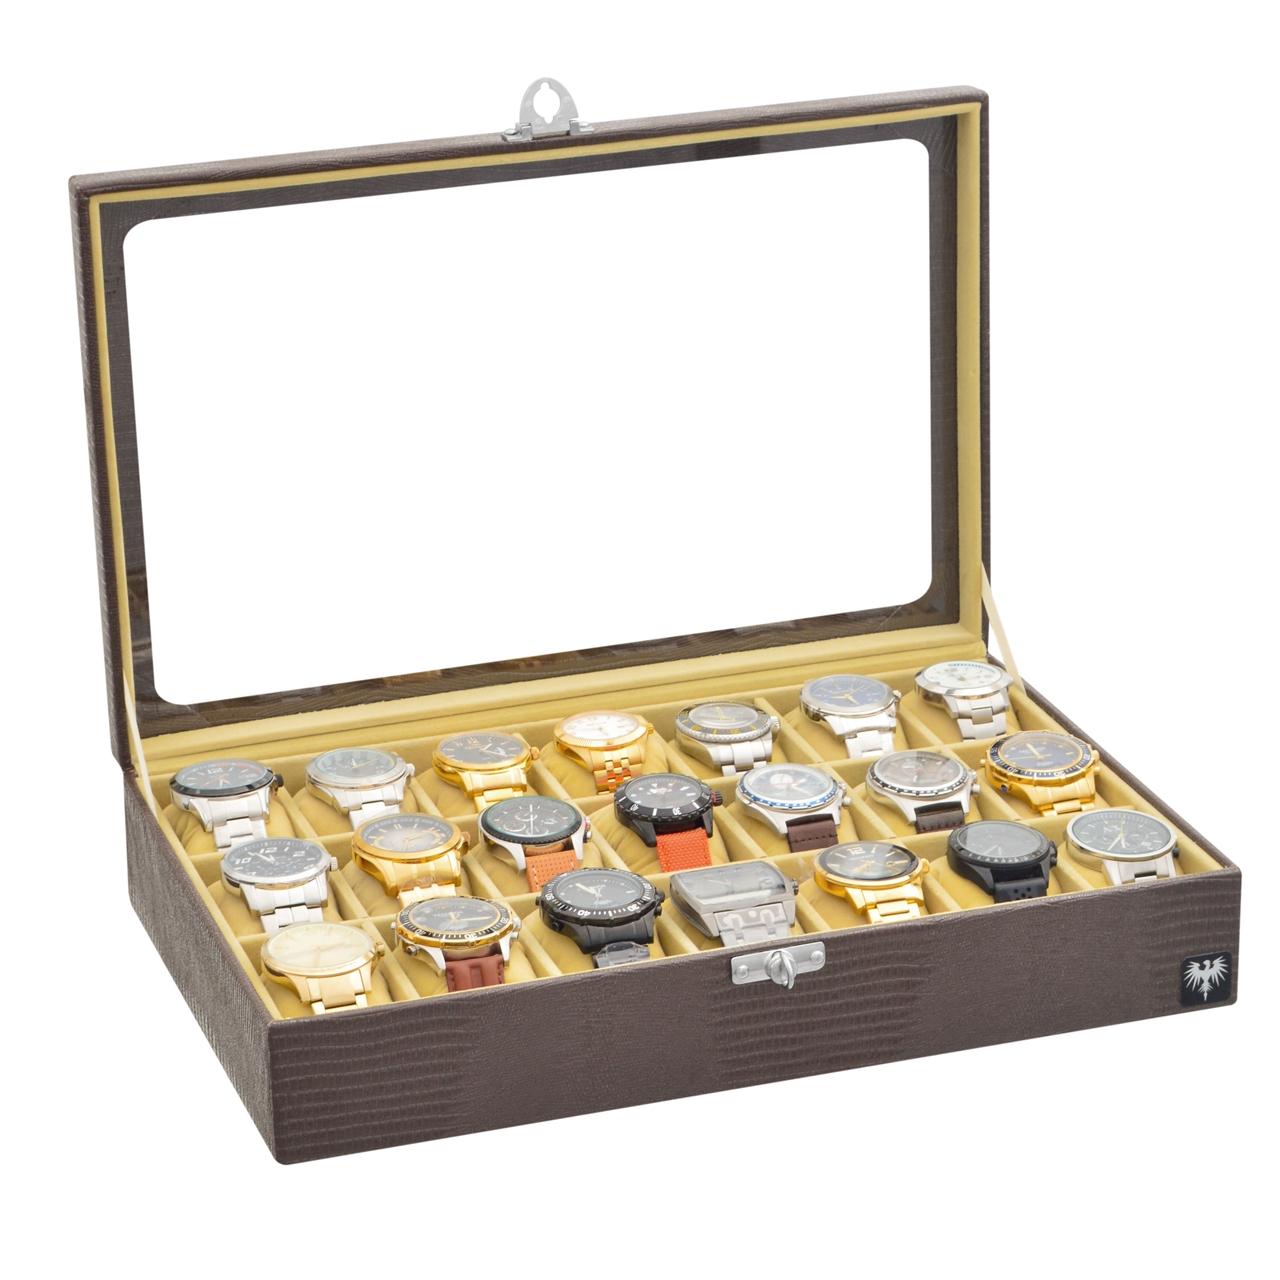 estojo-couro-ecologico-21-relogios-marrom-bege-porta-caixa-imagem-9.jpg